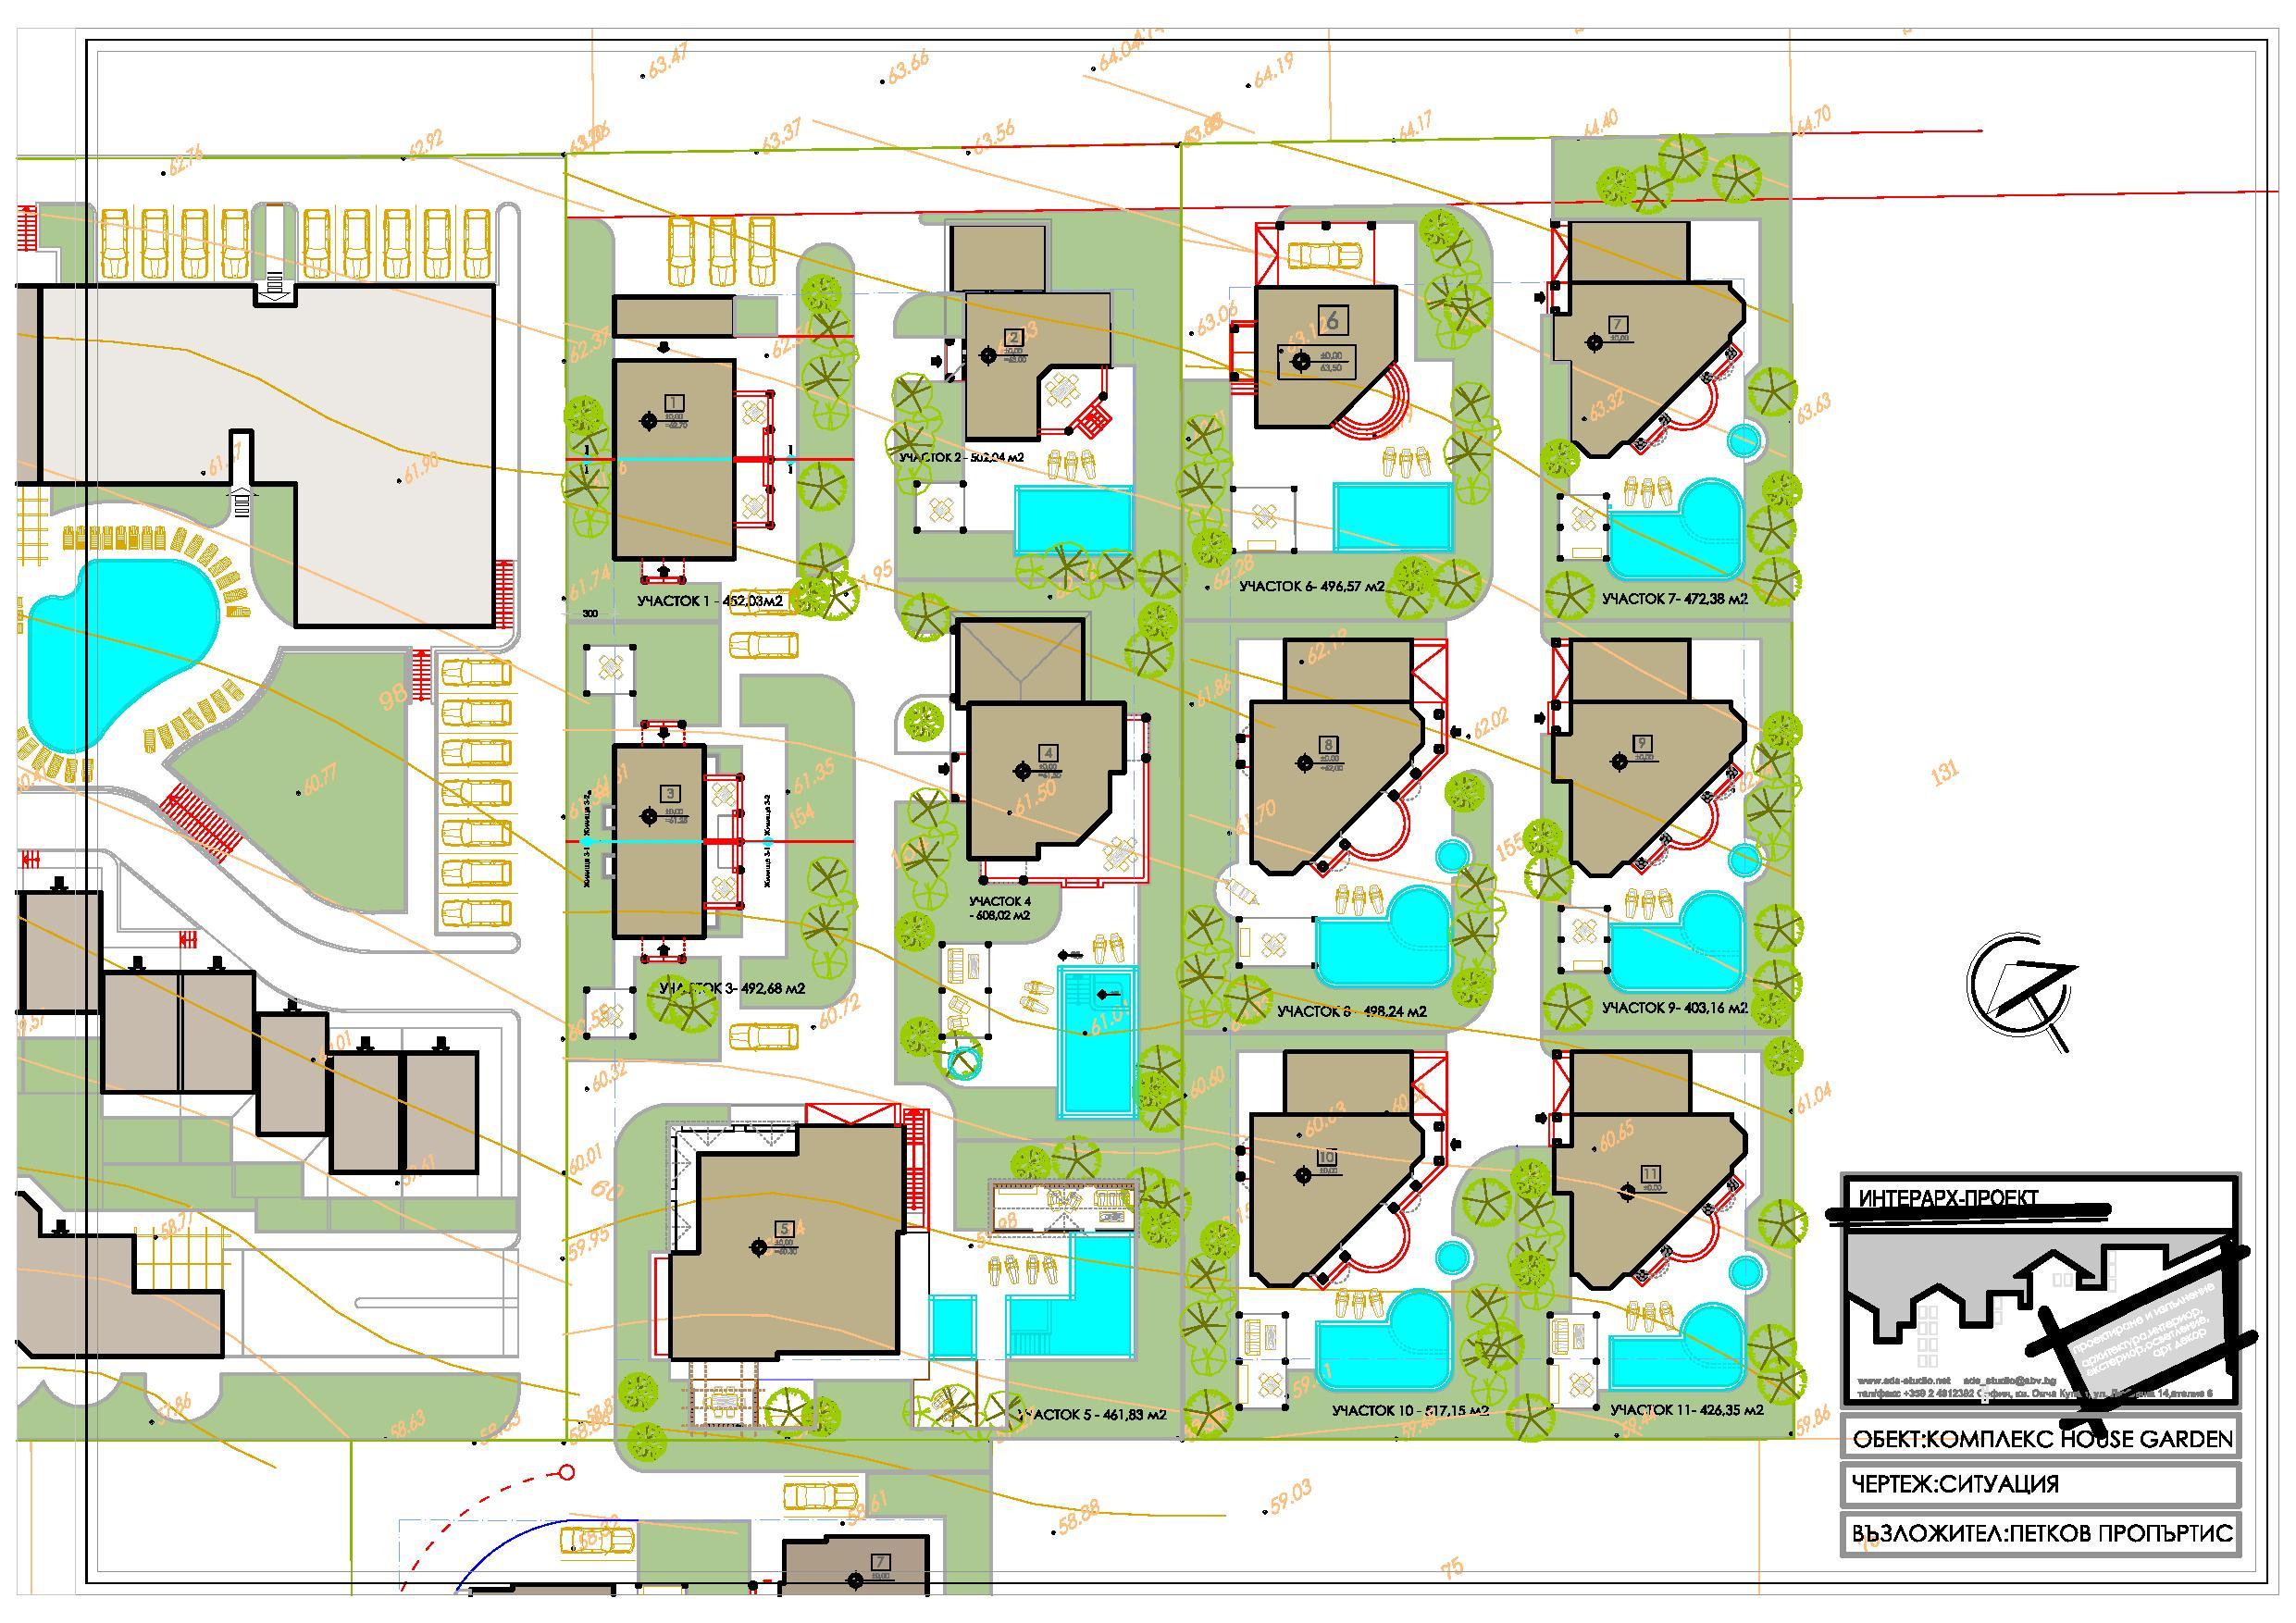 Генерален план: Нови вили в комплекс Хаус Гардън в тиха местност